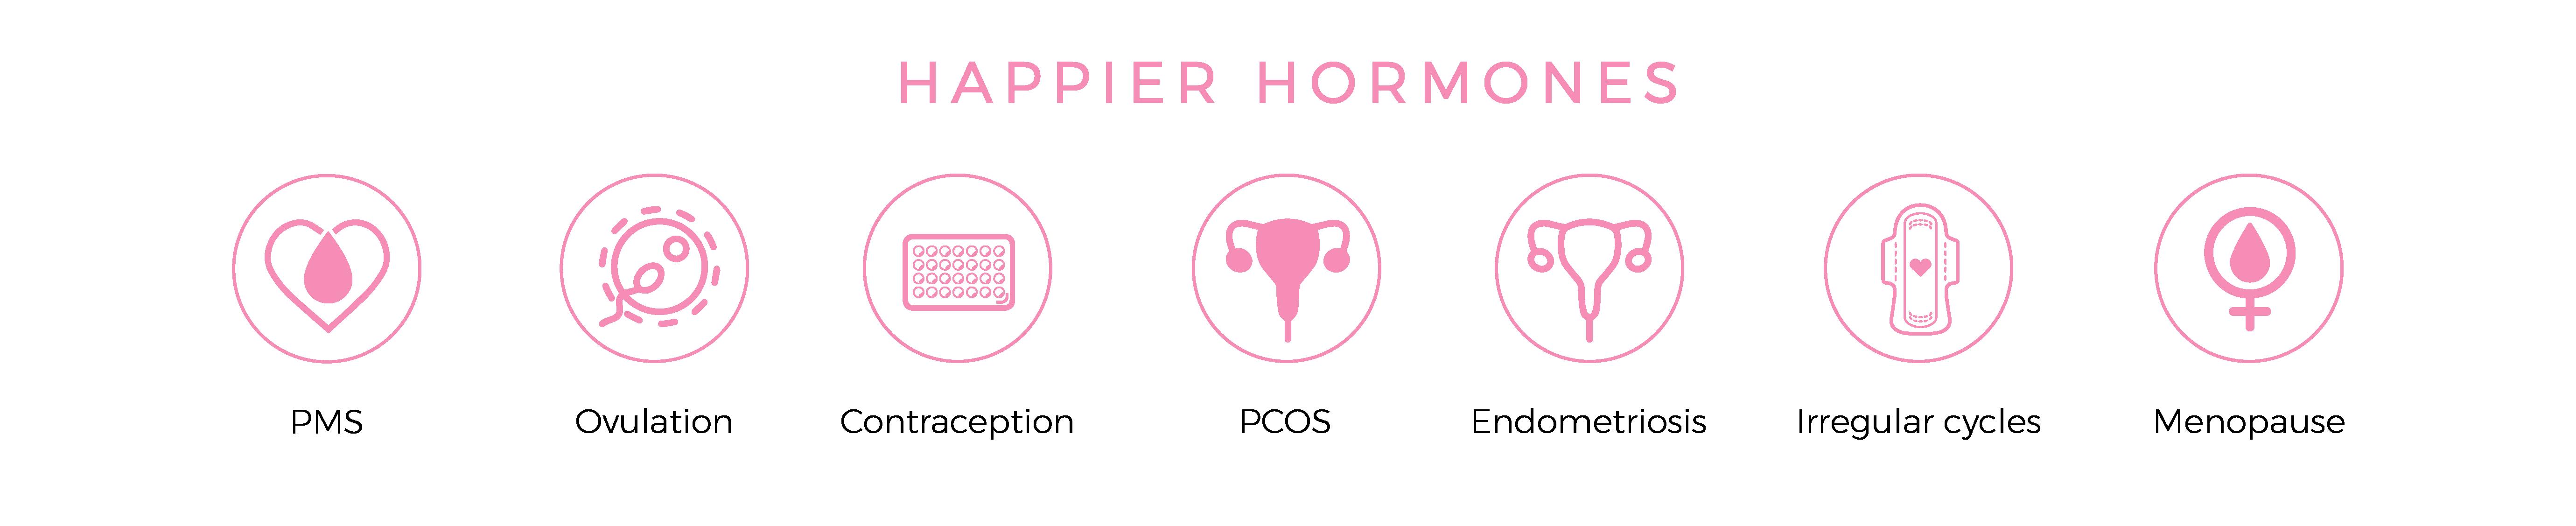 Happier Hormones Icons 01